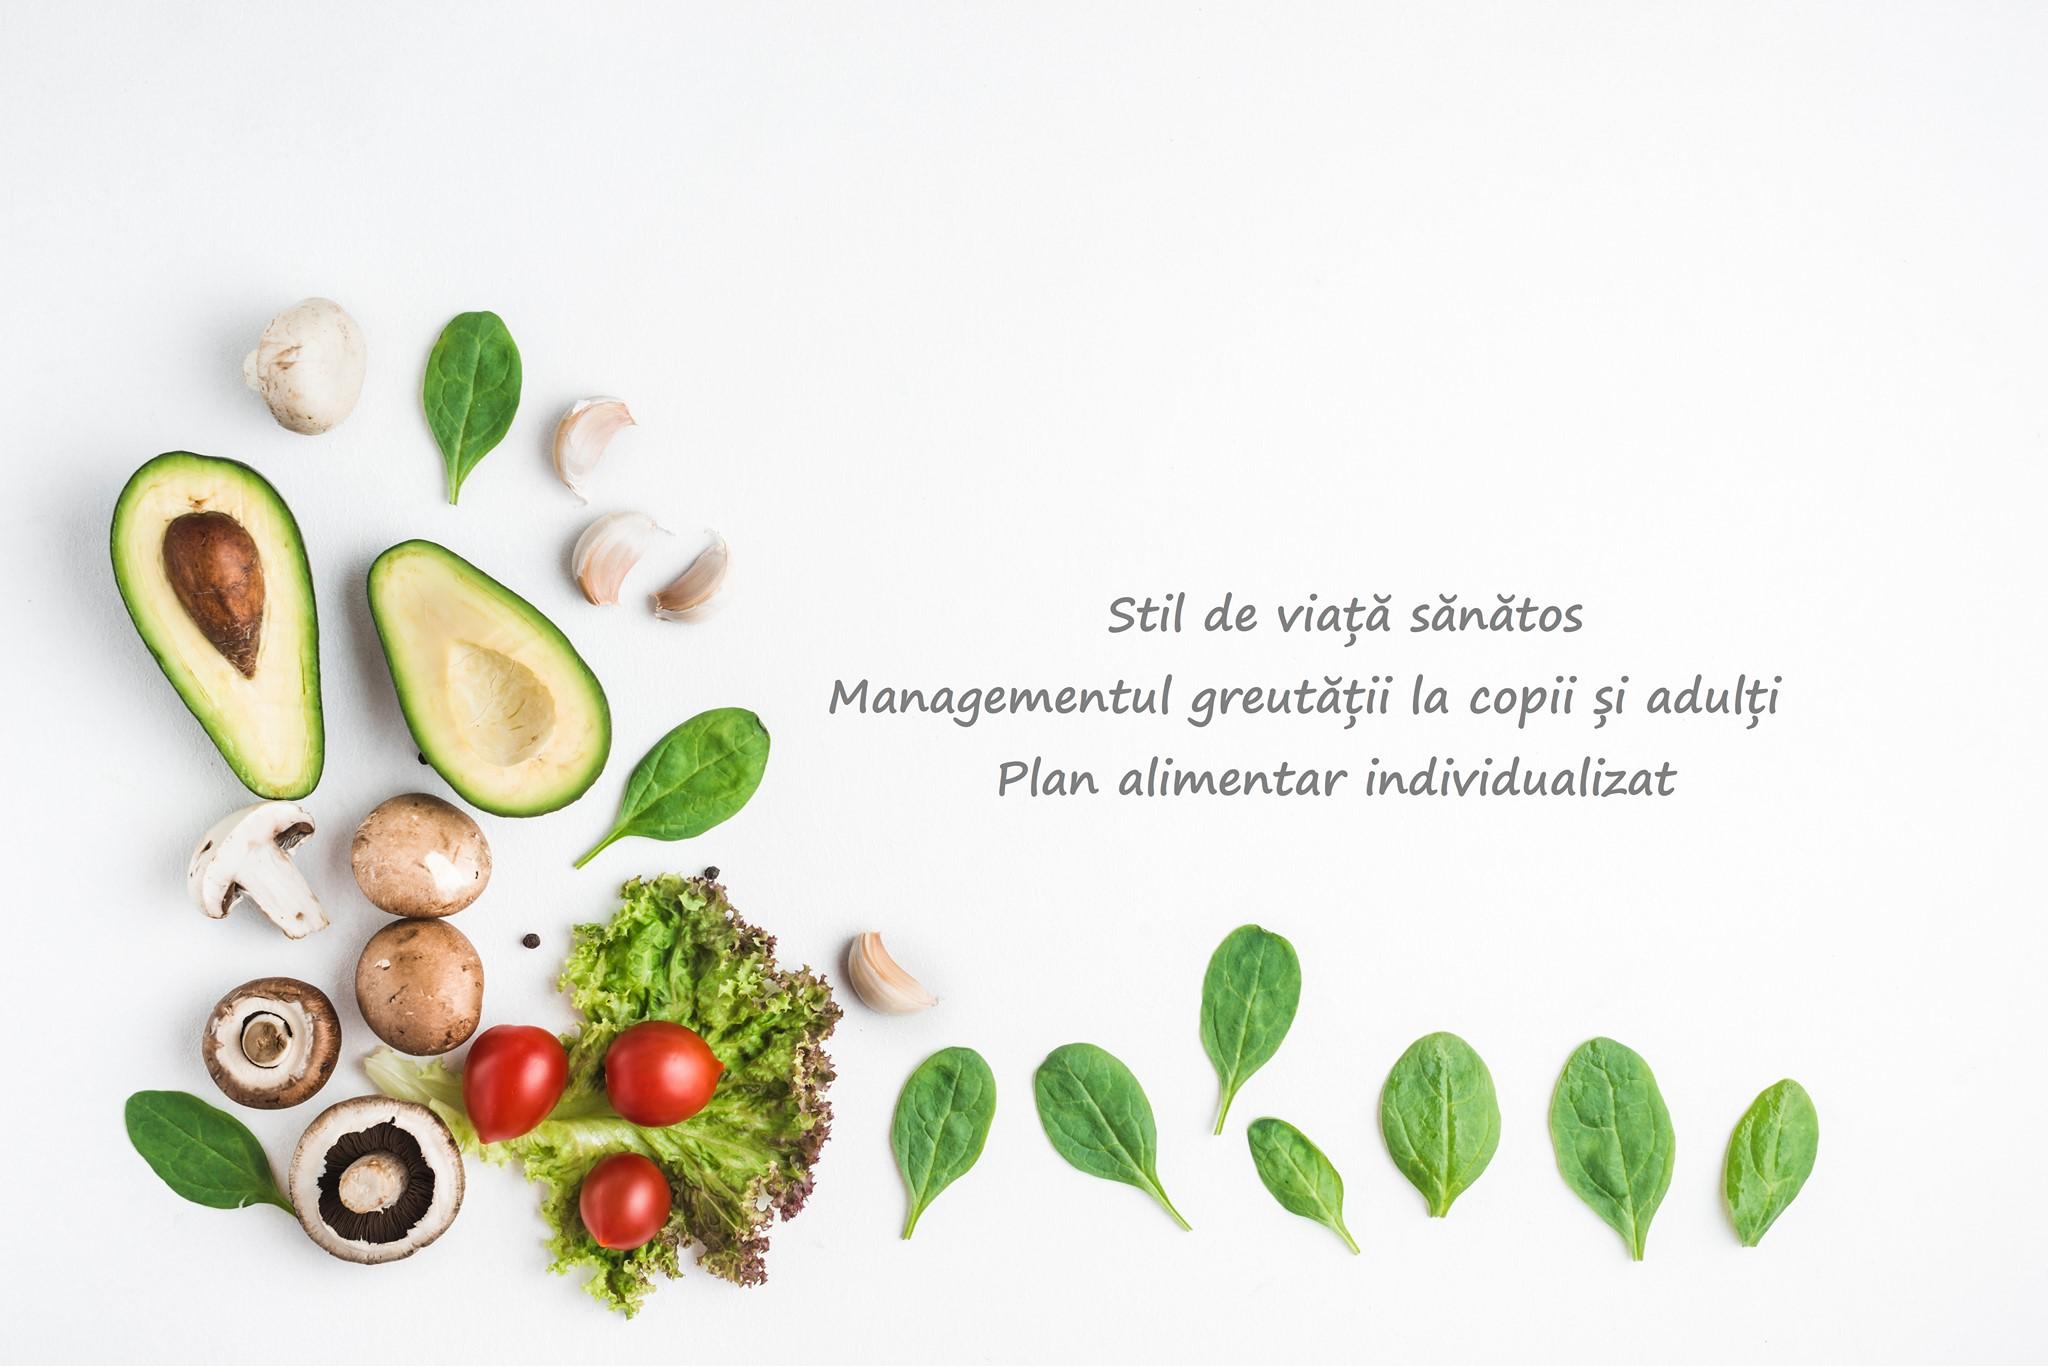 Nutritionist-Dietetician Anca Boancă